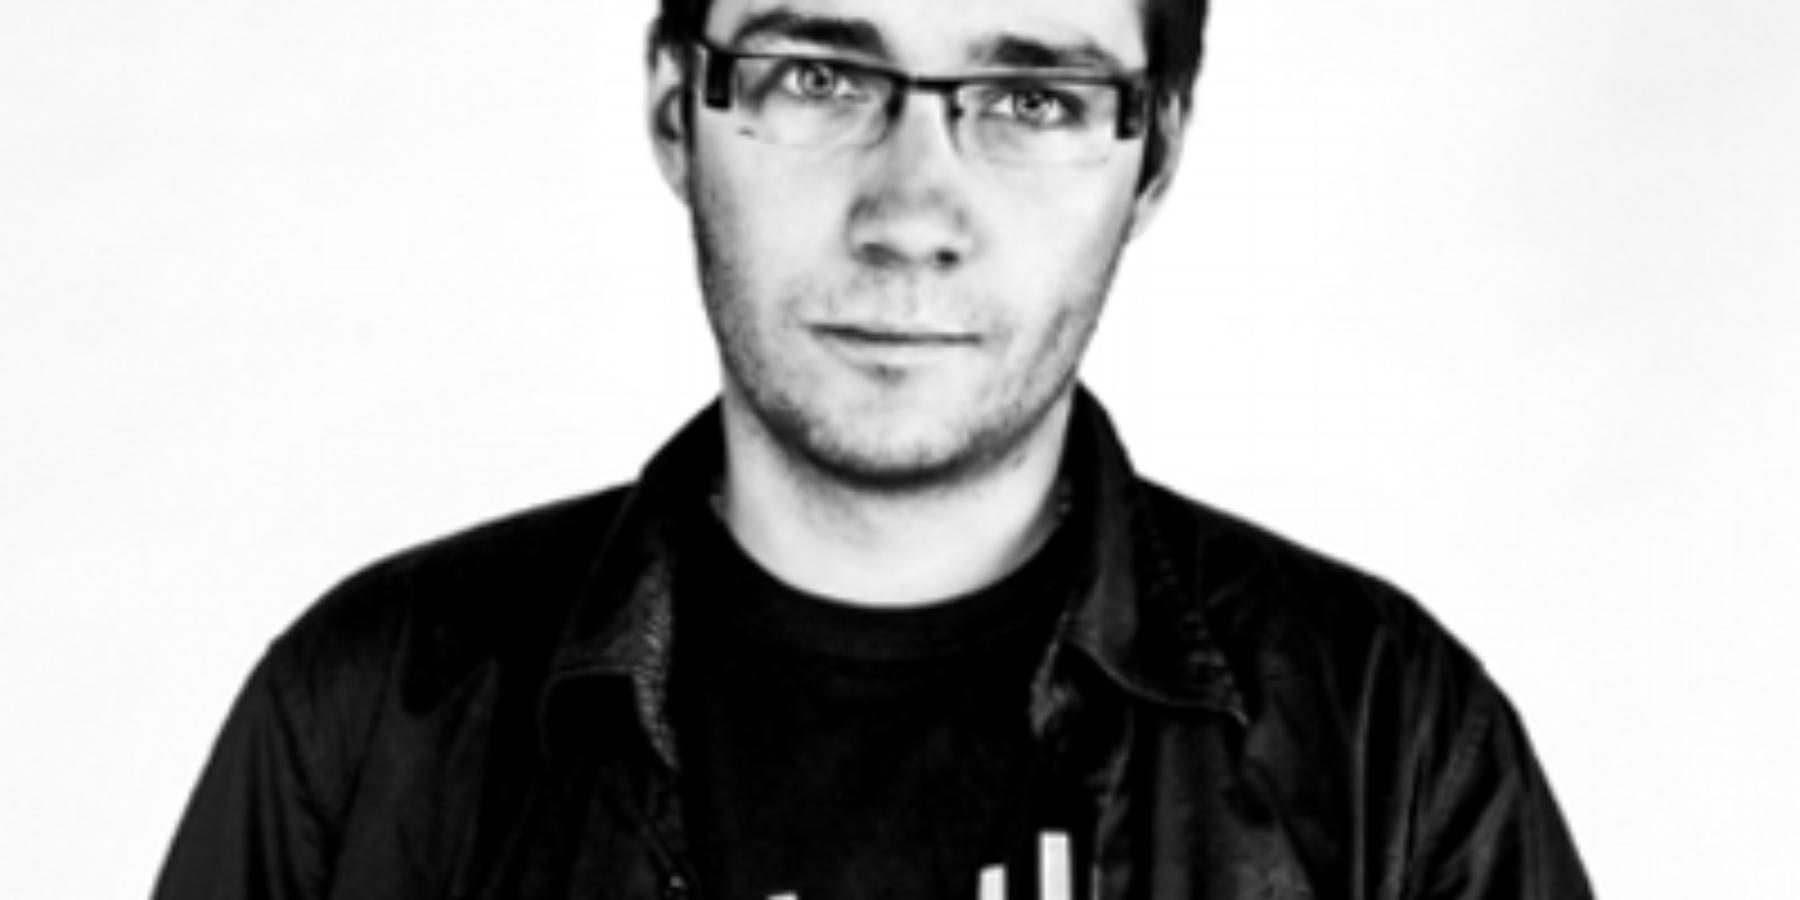 """Wywiad zPiotrem Koniecznym (Niebezpiecznik.pl) – tomit, żeofiarami stają się tylkotzw. """"Panie Halinki"""""""